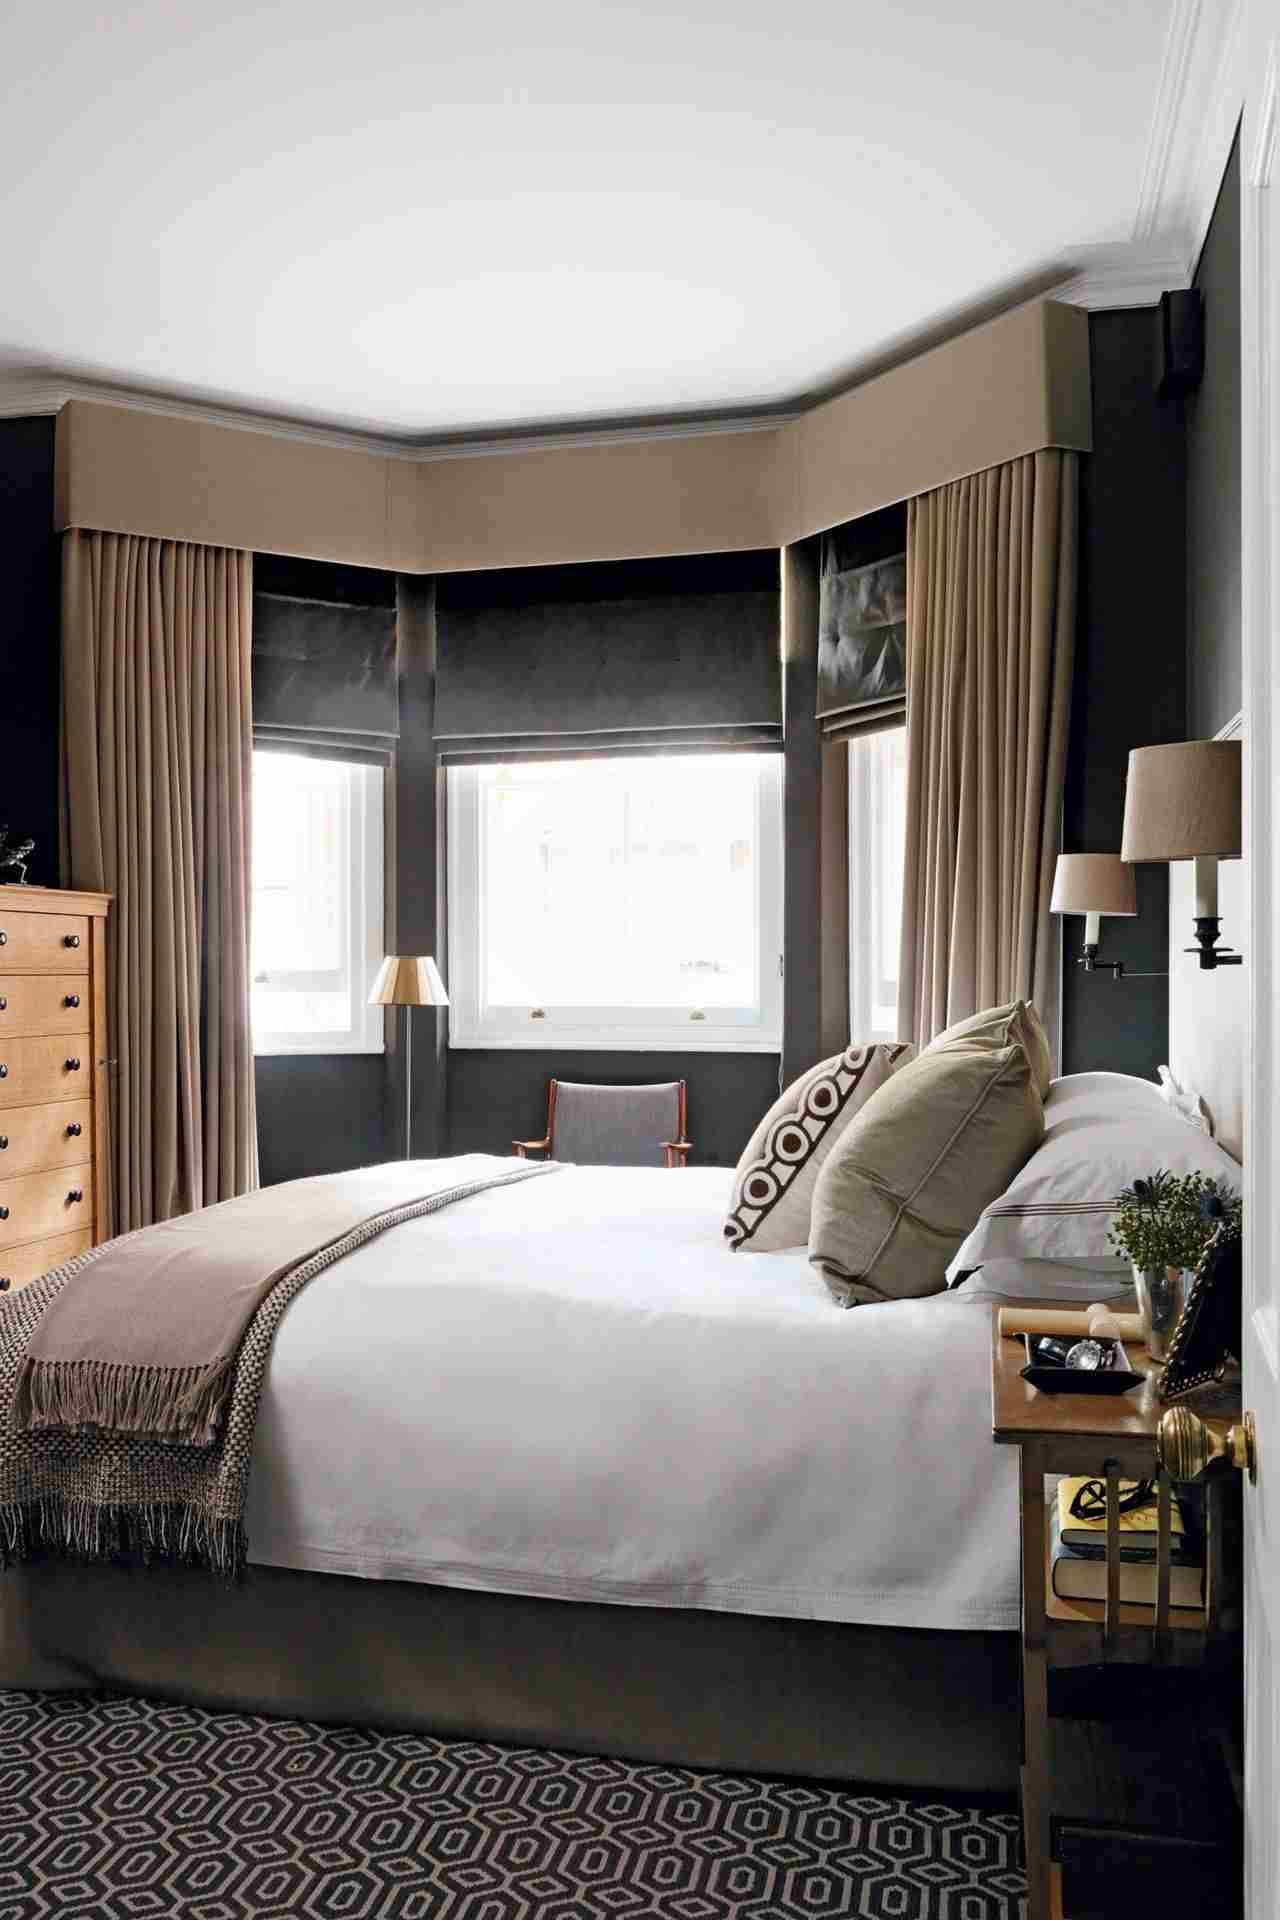 Full Size of Schlafzimmer Gestalten Wie Am Besten Einen Erker 50 Praktische Und Stilvolle Gardinen Teppich Mit überbau Günstige Komplett Lampe Deckenleuchte Modern Nolte Wohnzimmer Schlafzimmer Gestalten